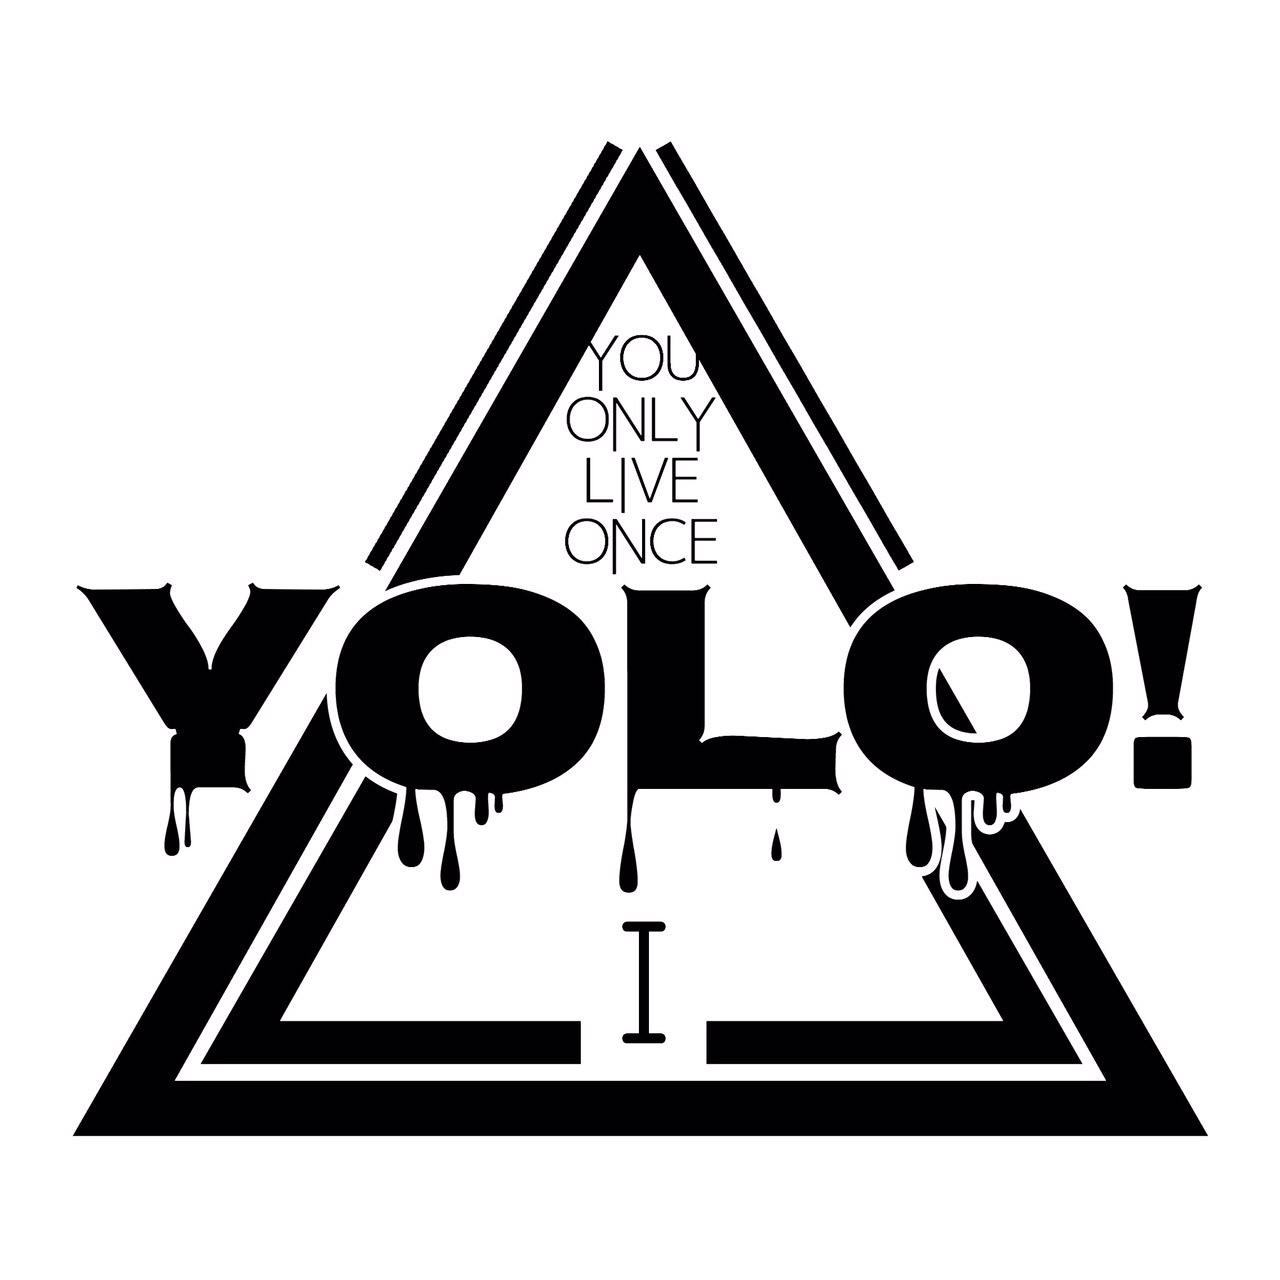 YOLO!vol.1